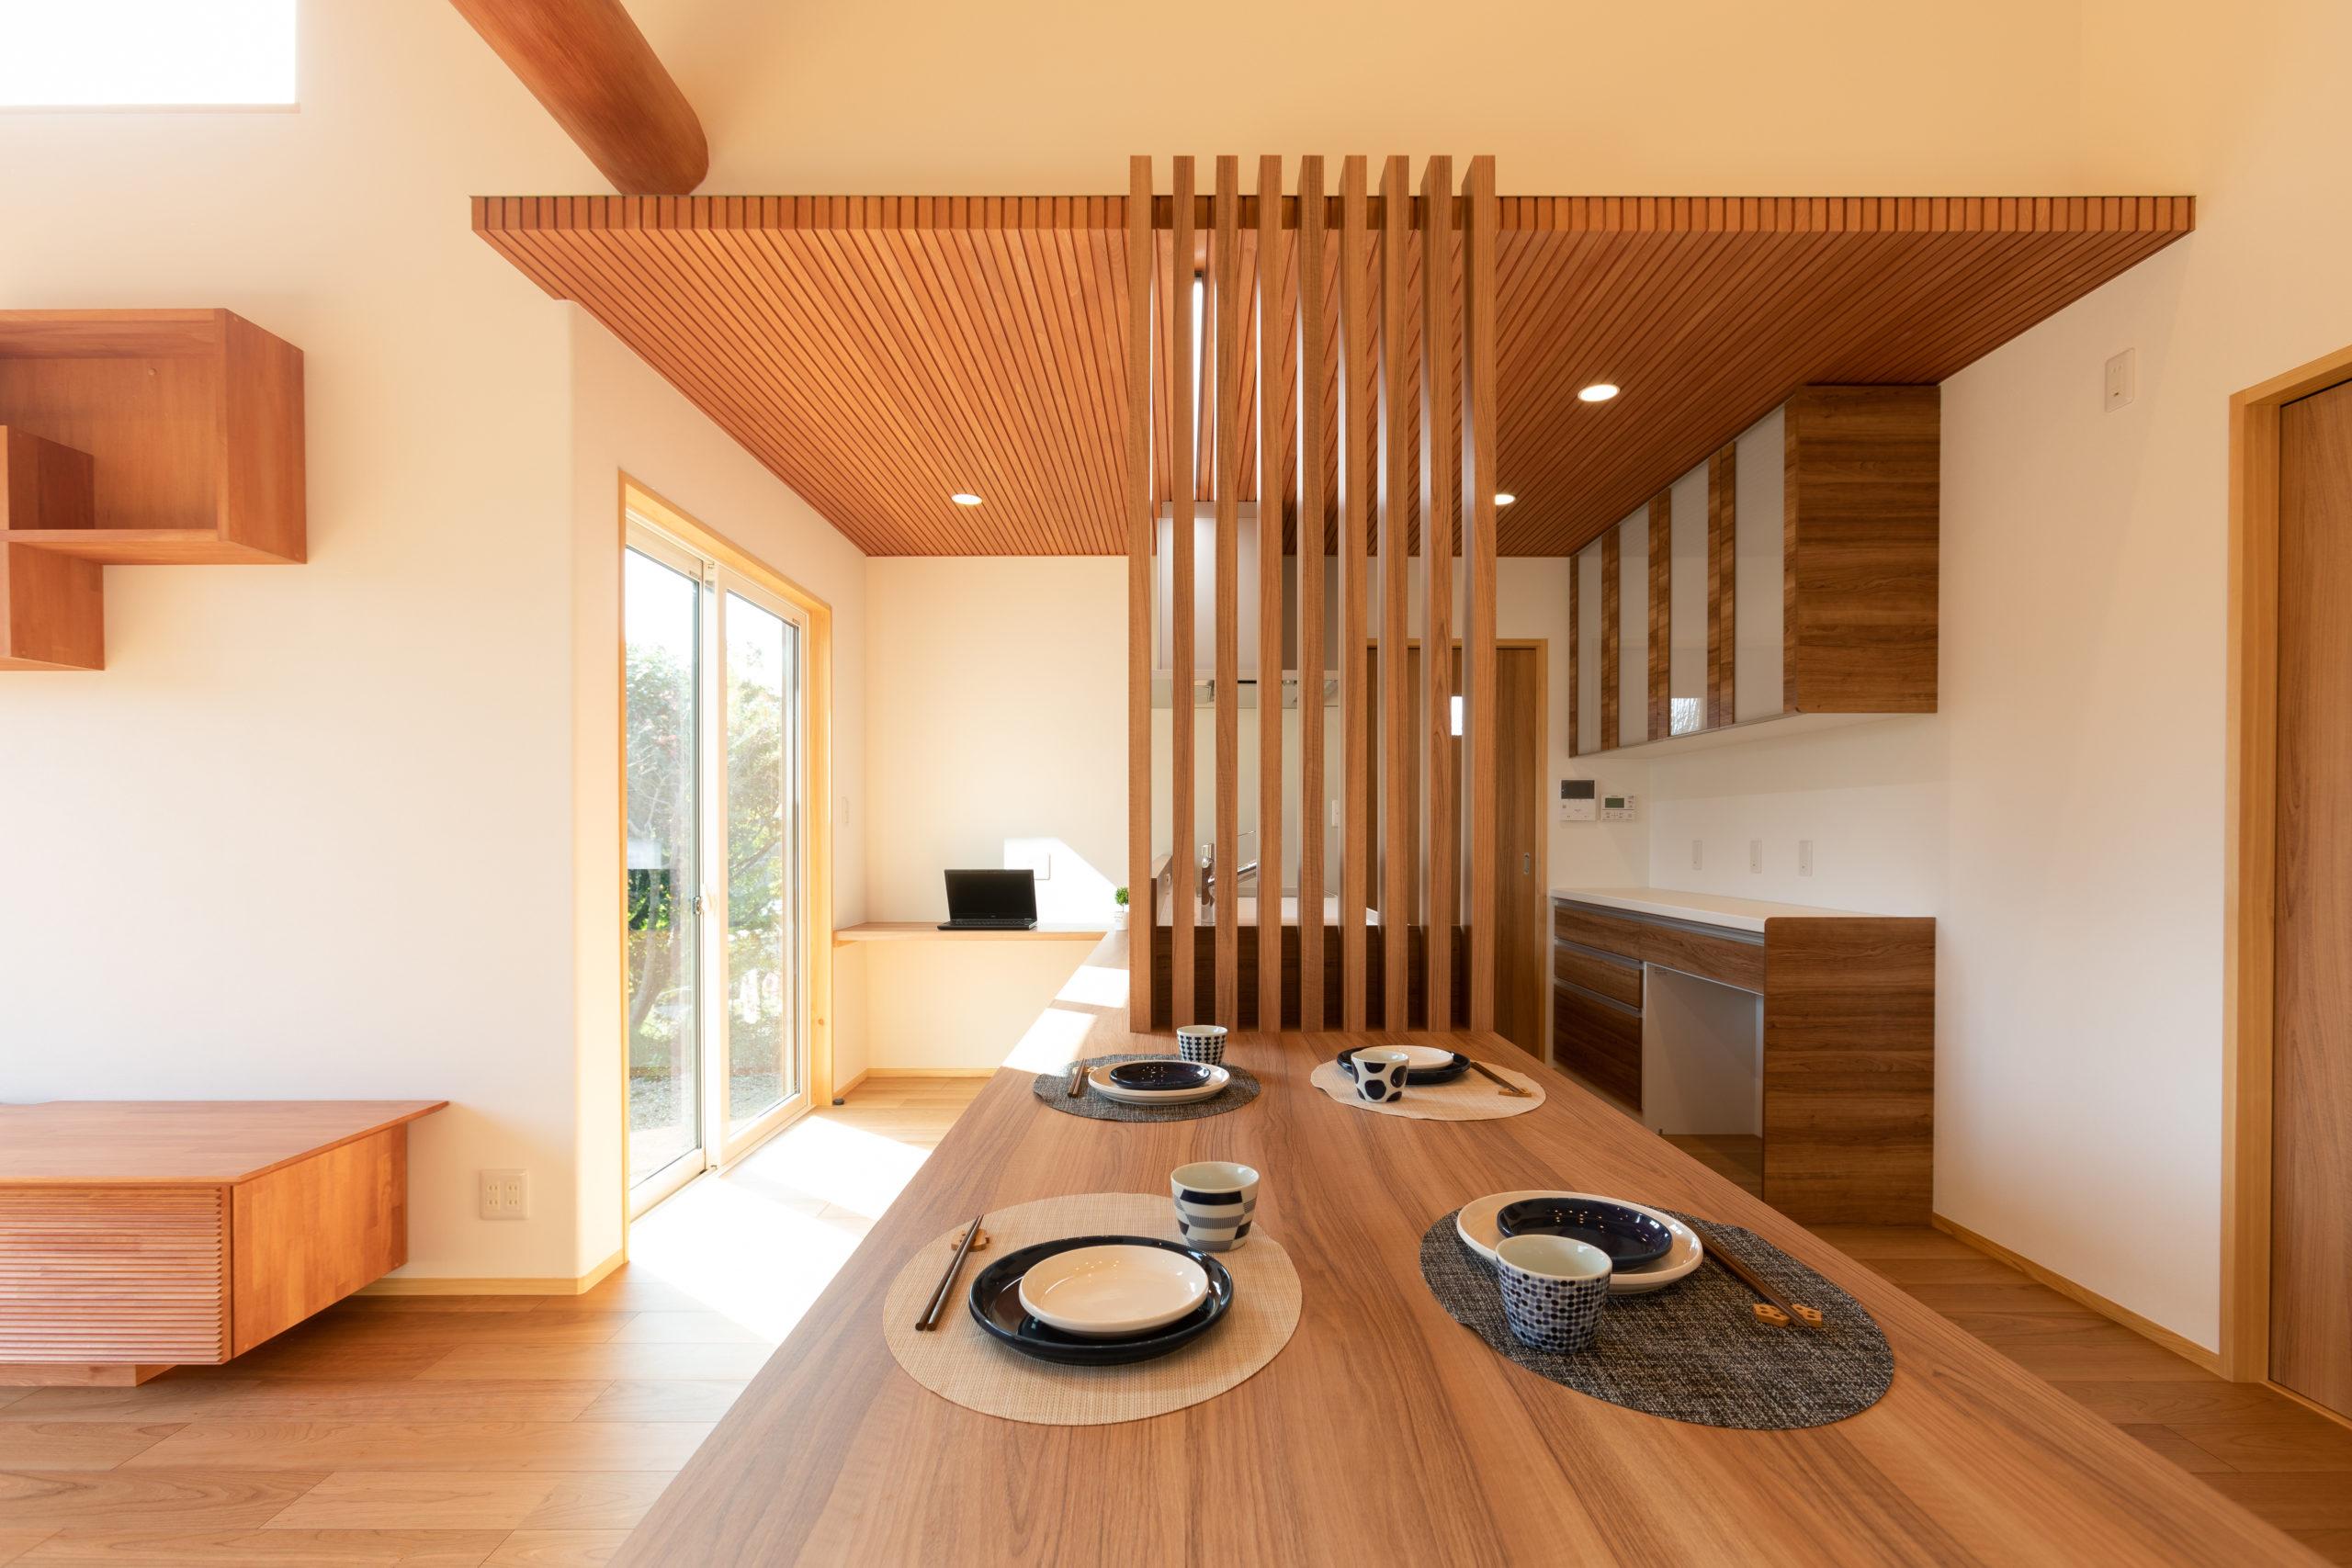 キッチンと横並びの造作ダイニングテーブルは、来客時には移動させて広々と使うことができます。横並びキッチンでも、格子でさりげなく空間に境界を。